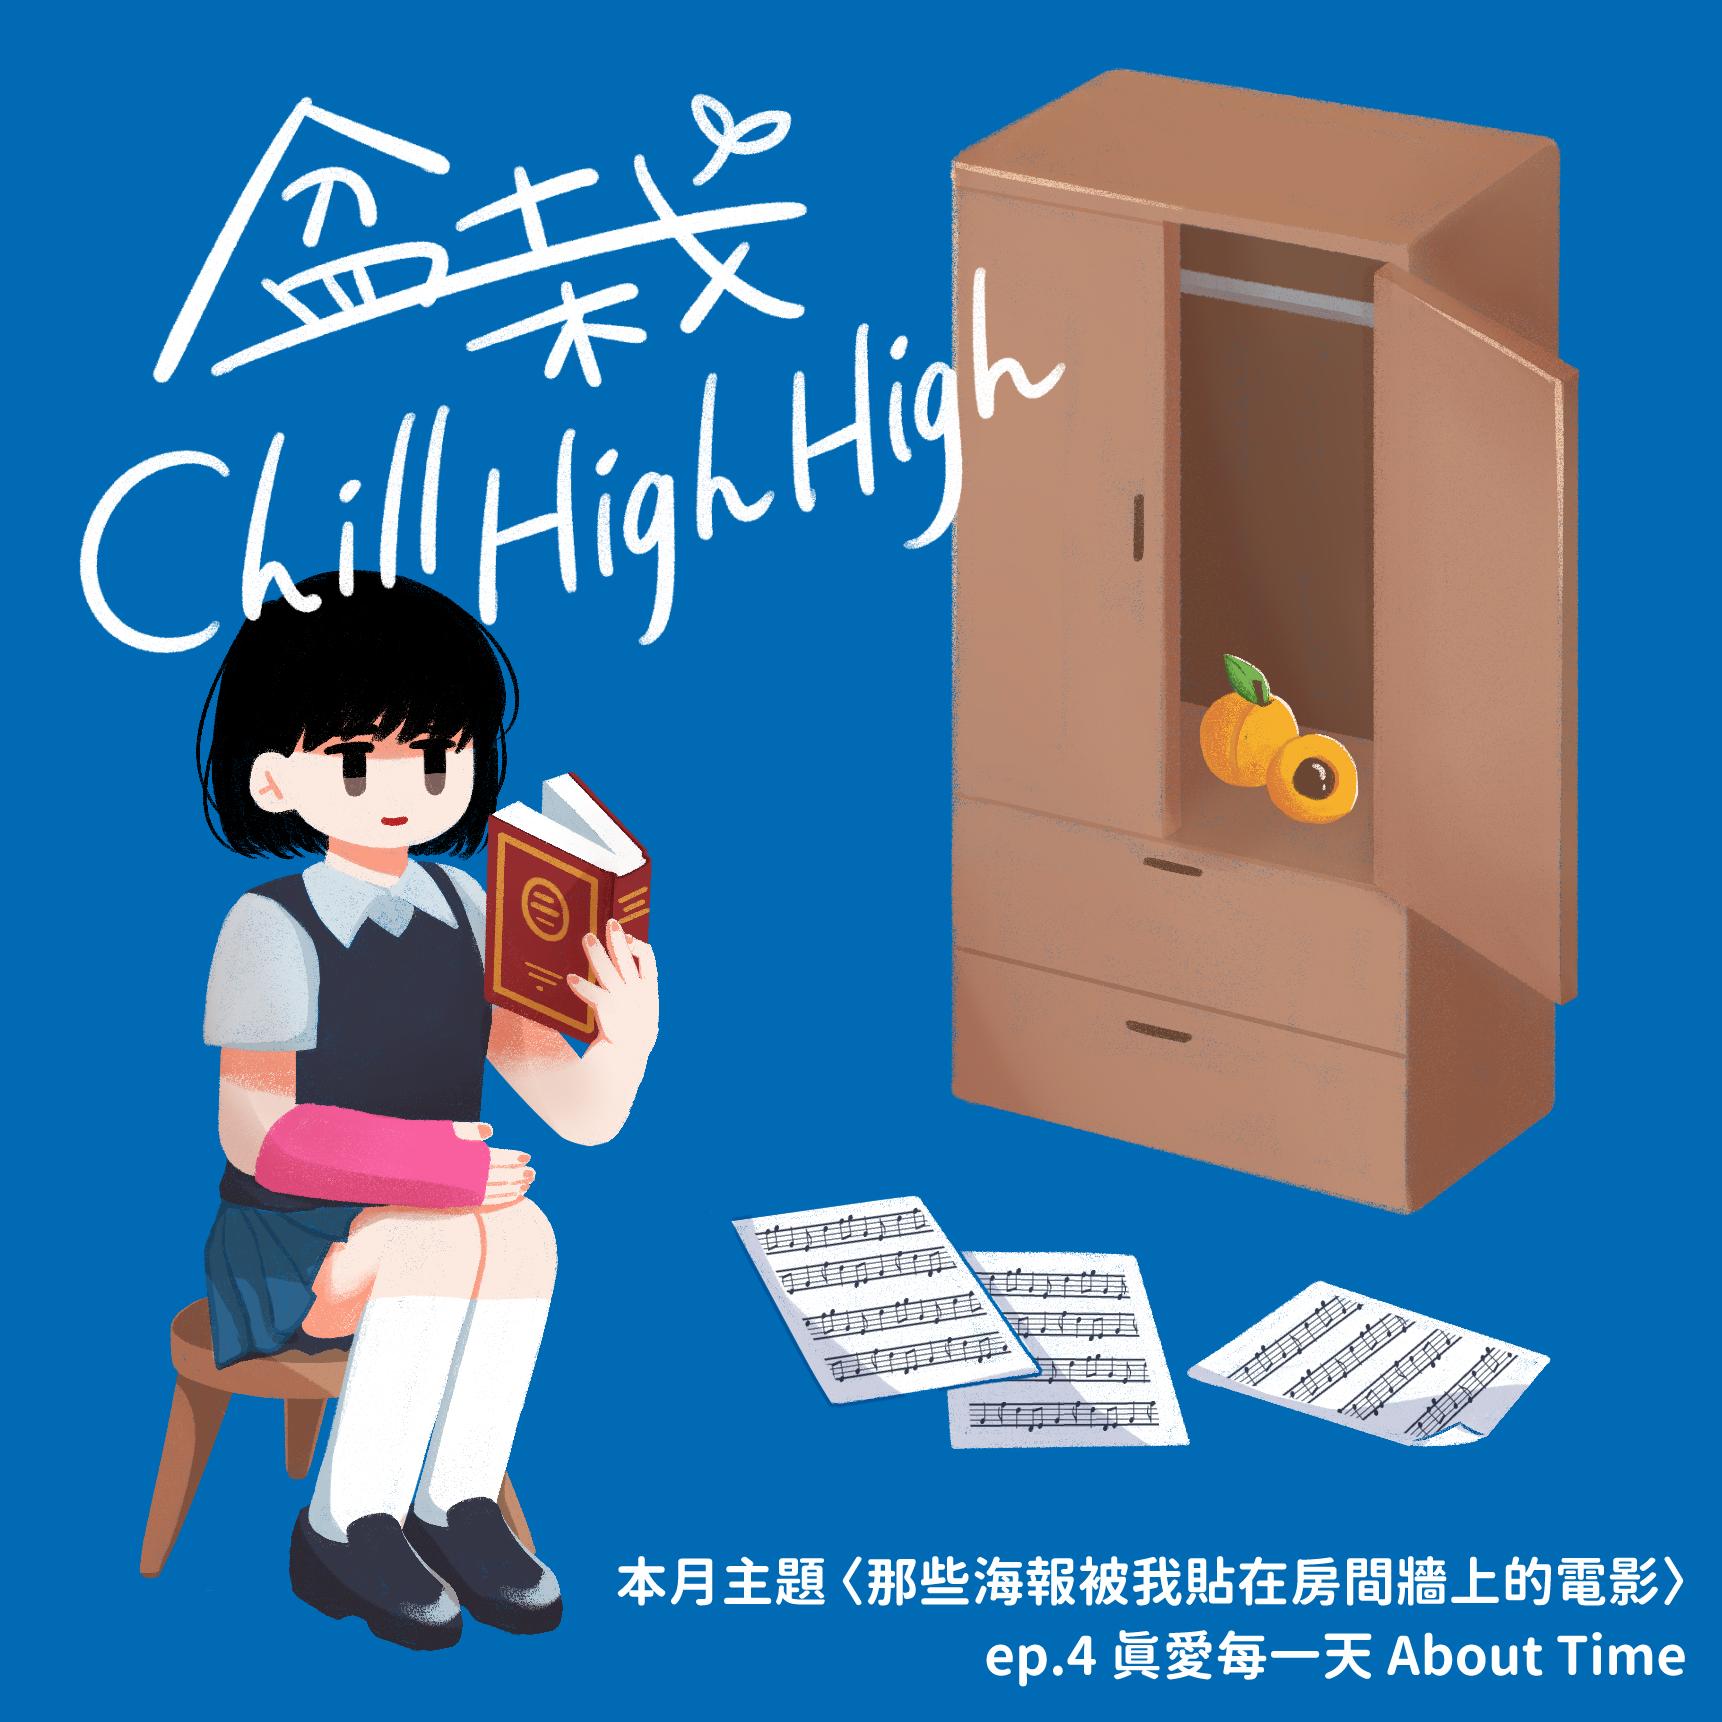 Ep4 《盆栽Chill High High》電影無雷私心推薦-《真愛每一天》推薦給知道人生只有一次,但偶爾還是會失去生活動力的人